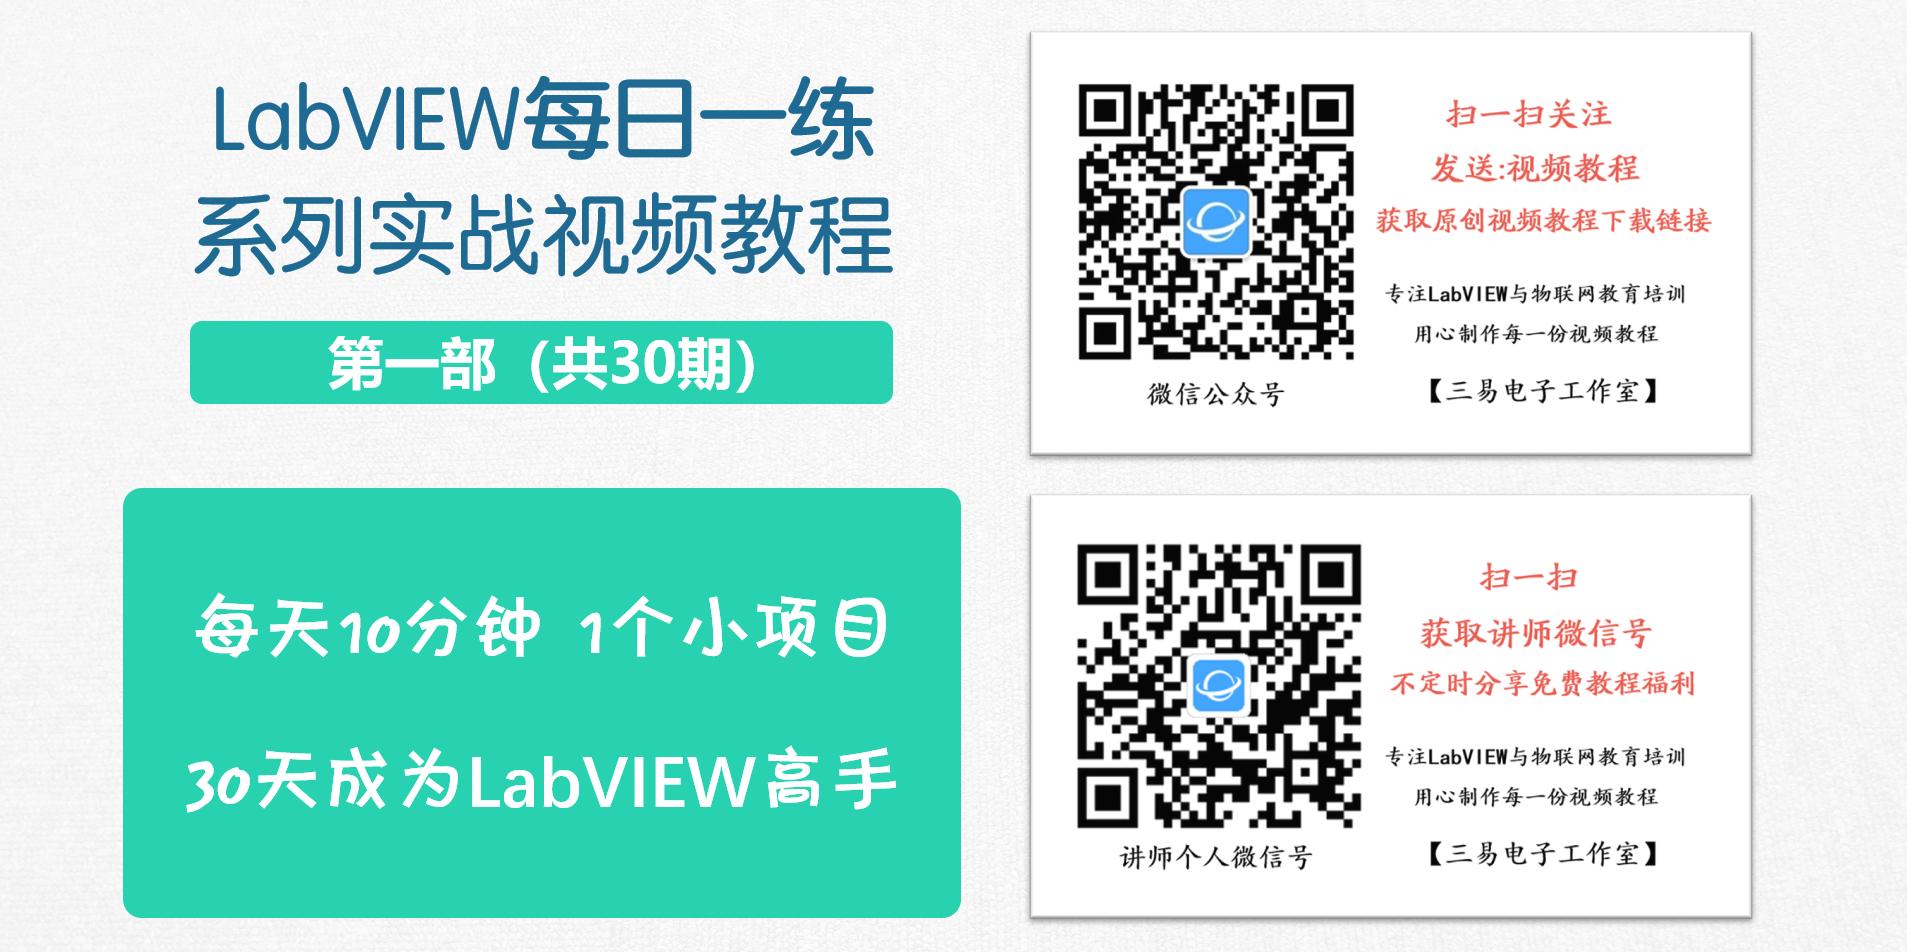 【赠送】LabVIEW每日一练 系列实战视频教程【第一部】